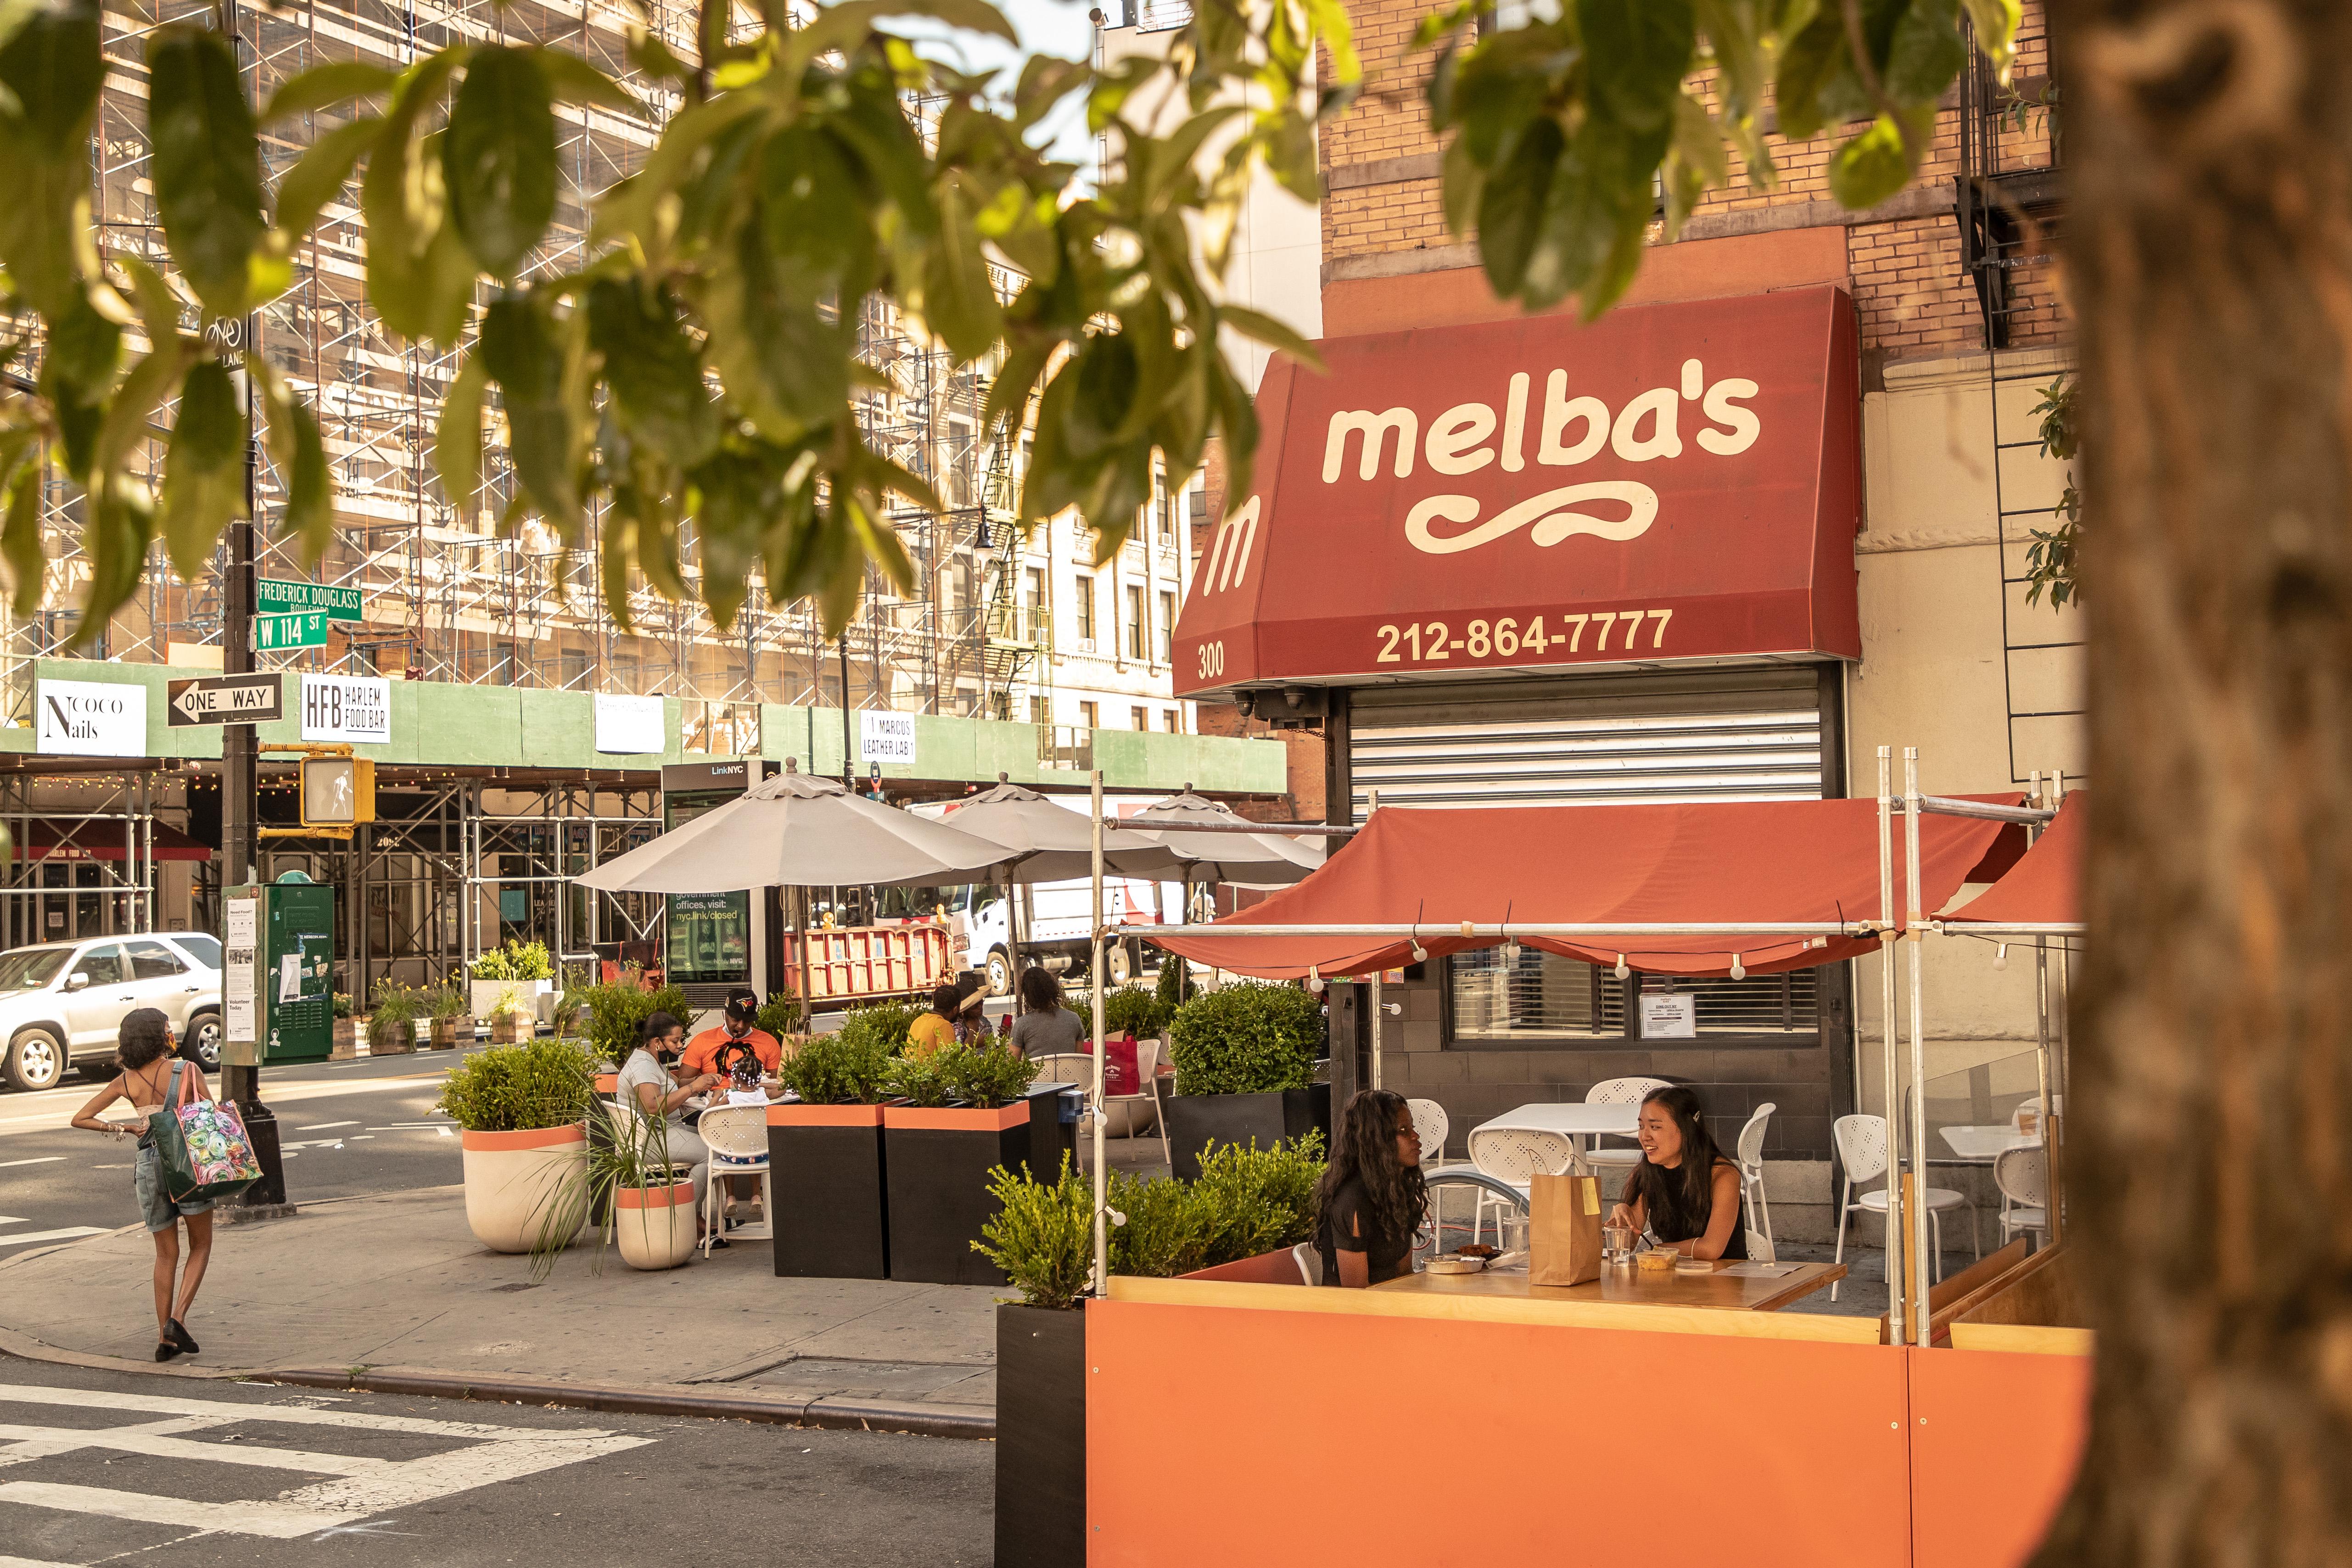 顾客们在Melba餐厅外面,在橙色的遮阳篷下用餐